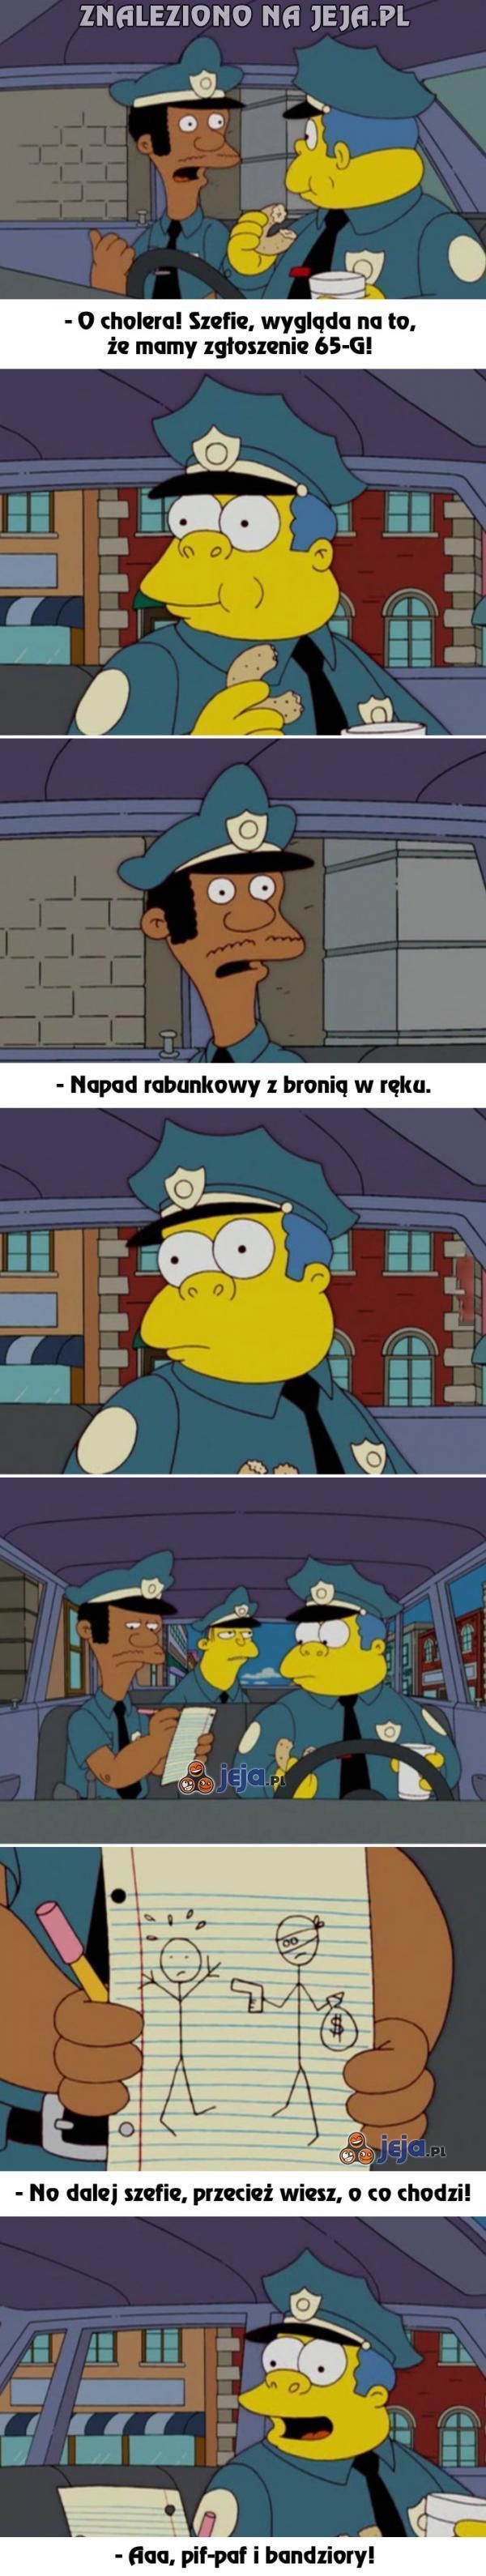 Ach, Ci inteligentni policjanci...